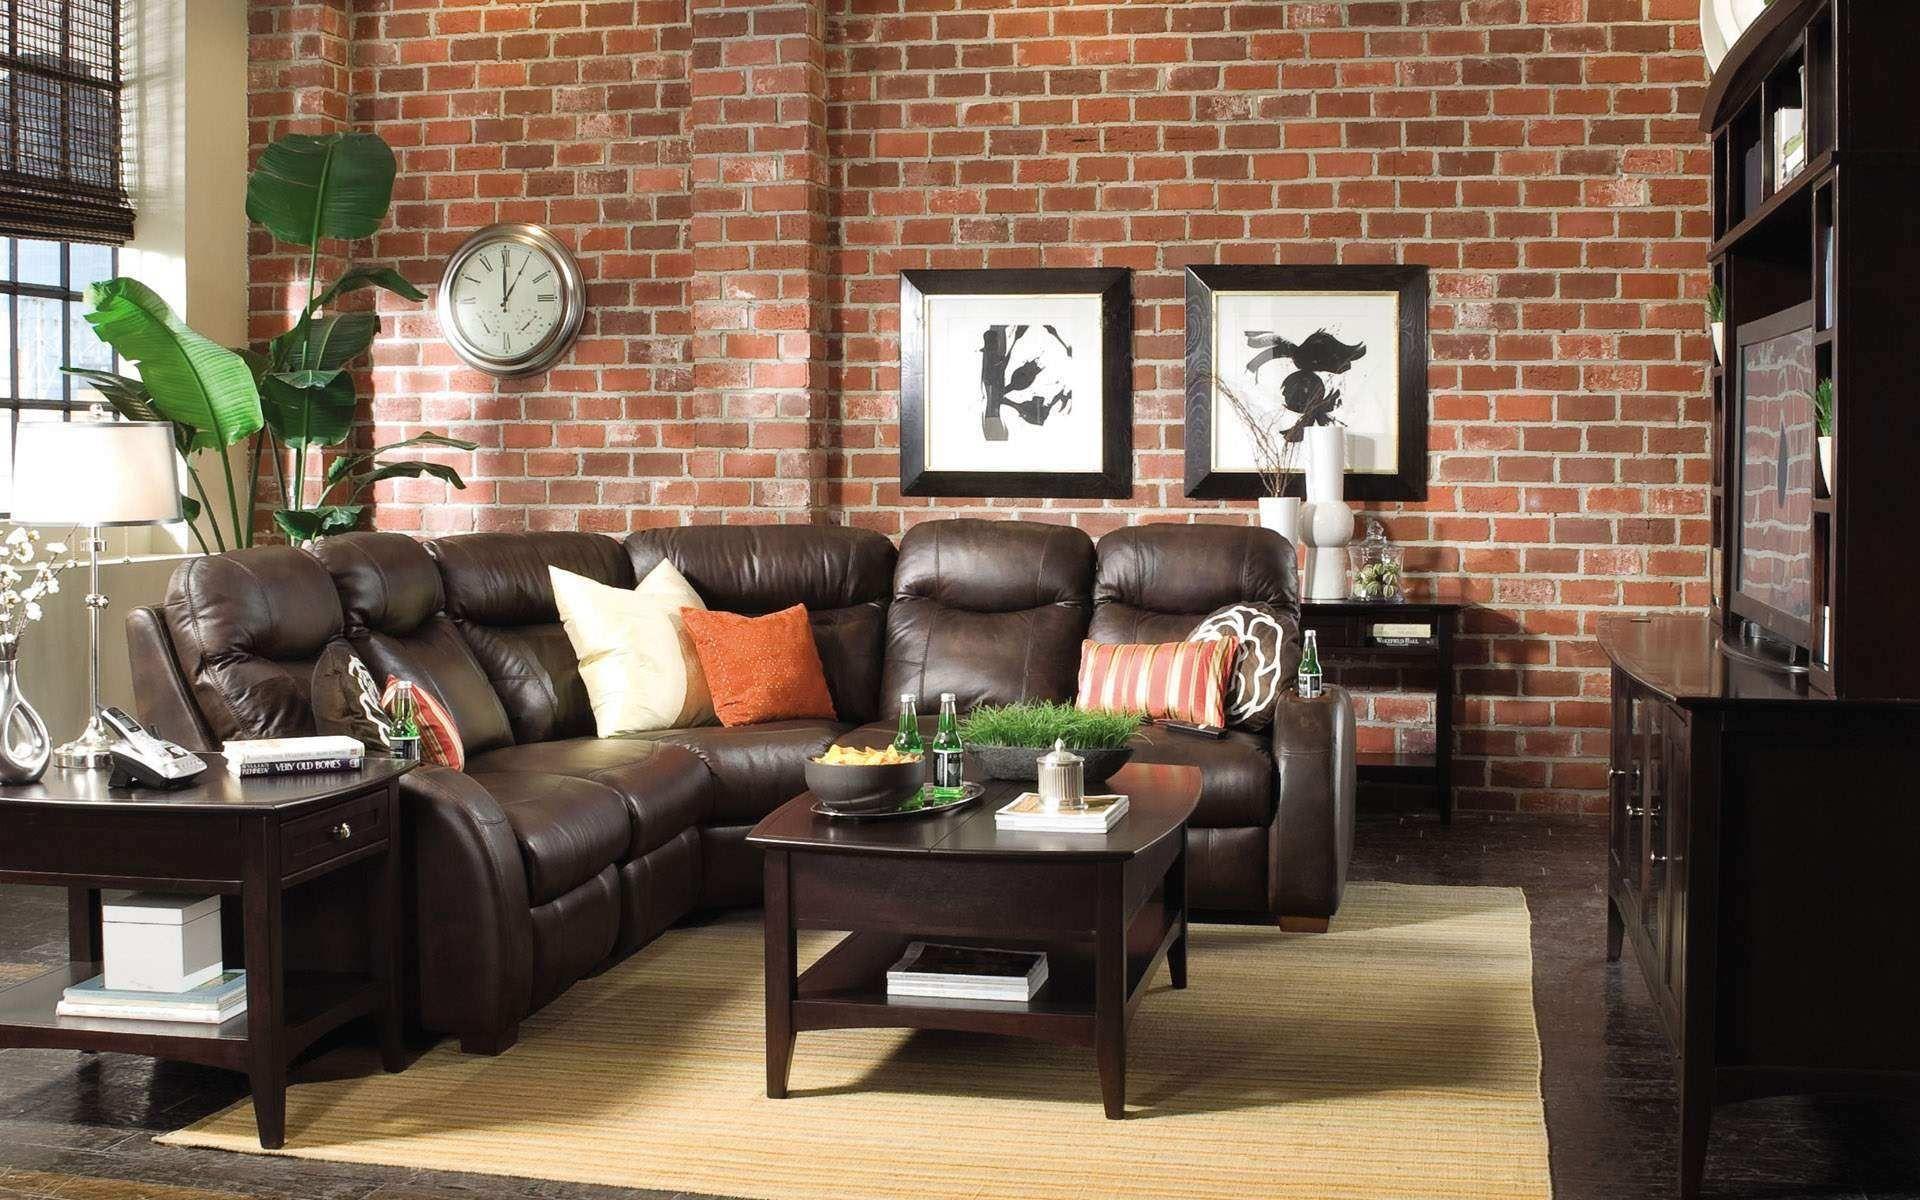 Red Brick Wallpaper Living Room Ideas Brick Wallpaper Living Room Elegant Living Room Design Brick Wall Living Room